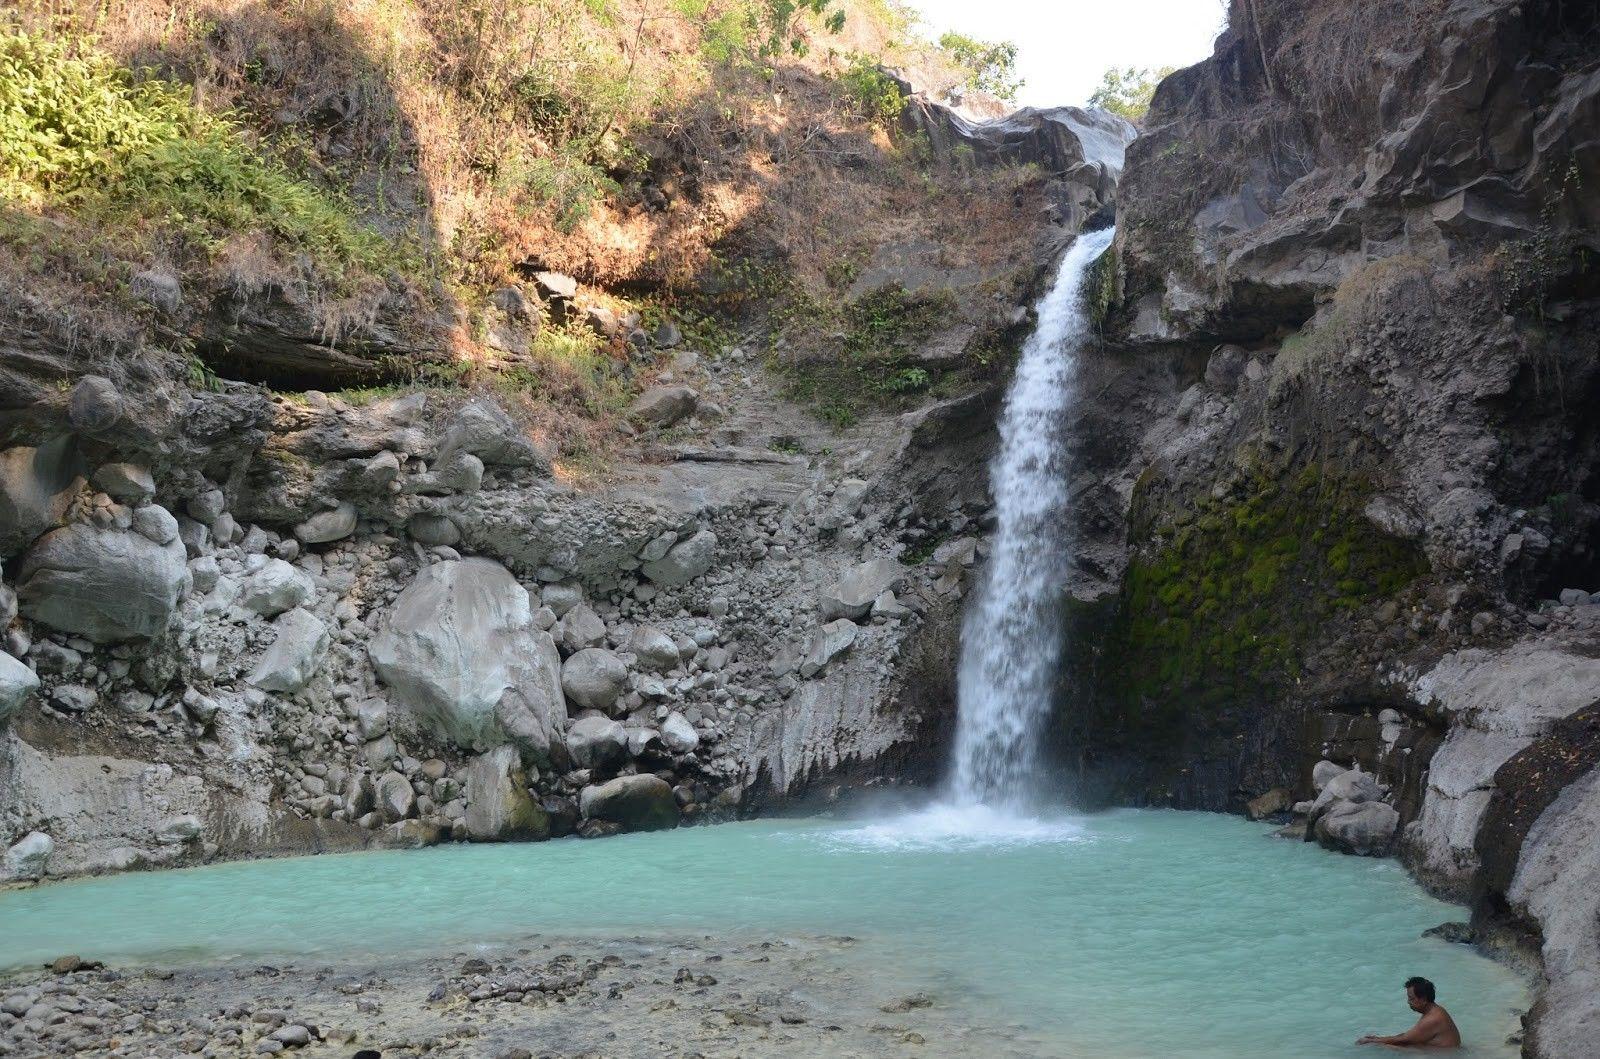 Ingin ke Lombok? Jangan Lupa Mampir ke 5 Tempat Wisata Kekinian Ini